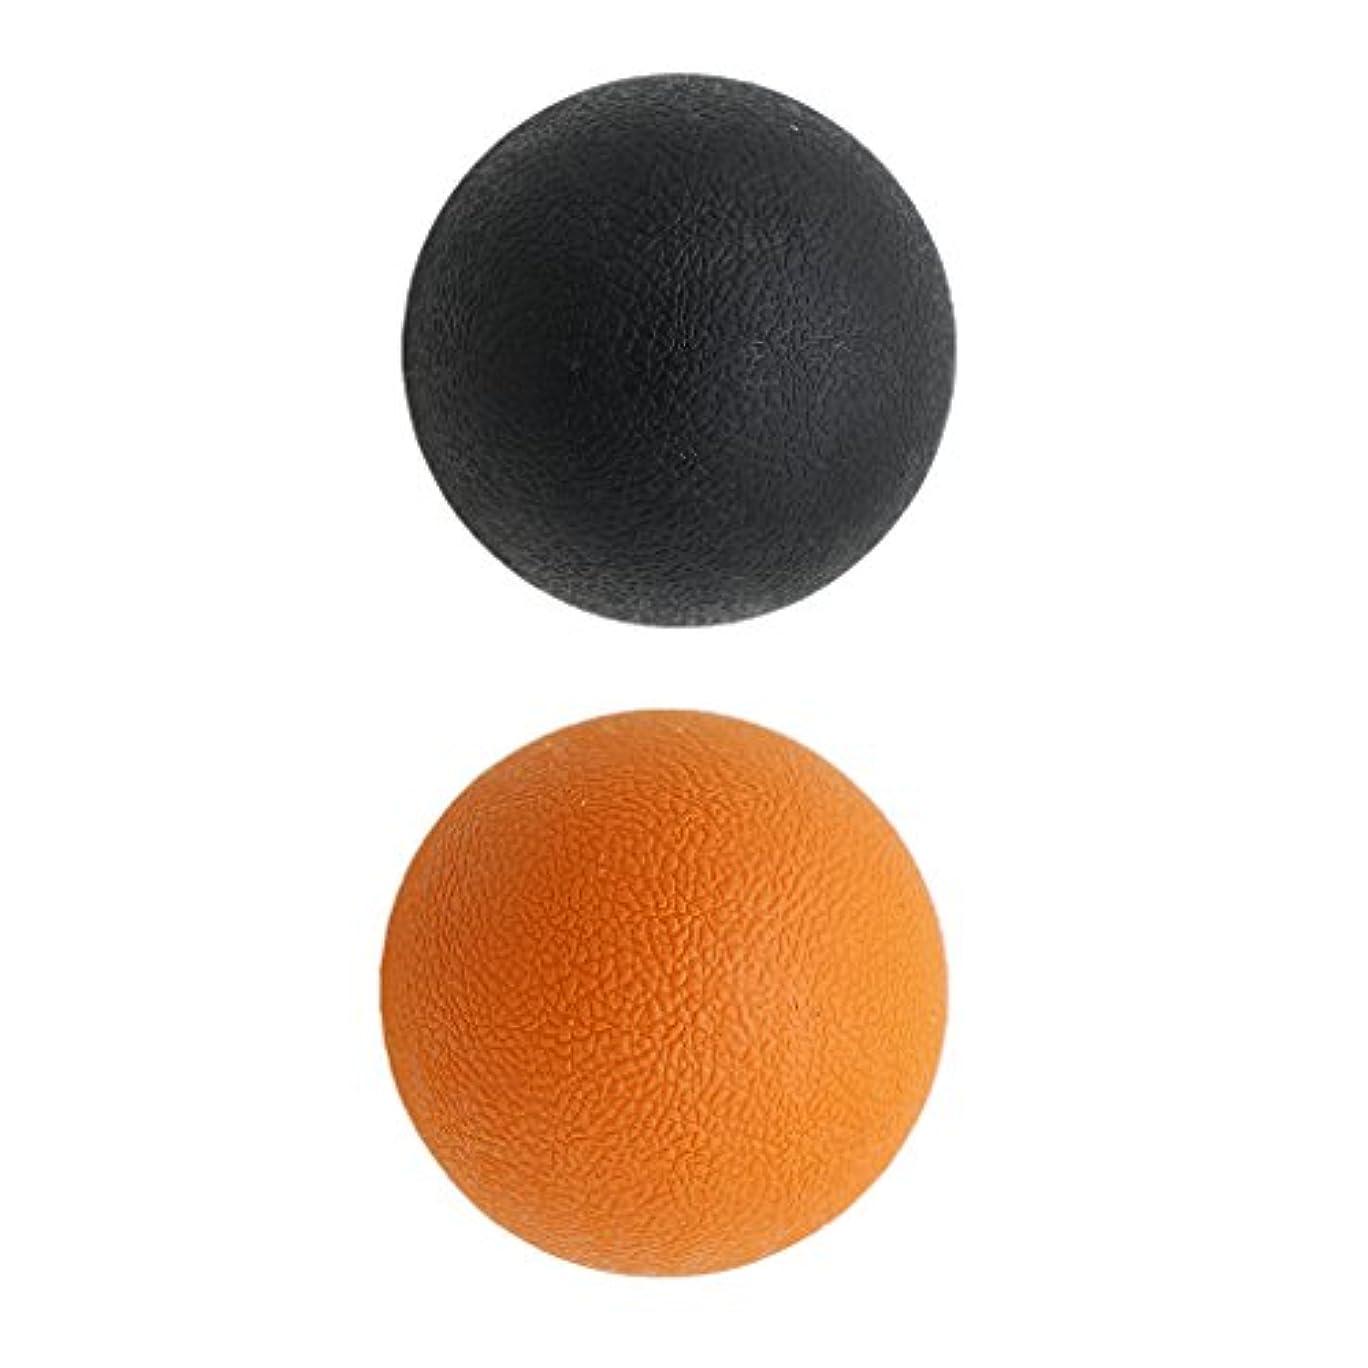 切り下げ変更可能いつかKesoto 2個 マッサージボール ラクロスボール 背部 トリガ ポイント マッサージ 多色選べる - オレンジブラック